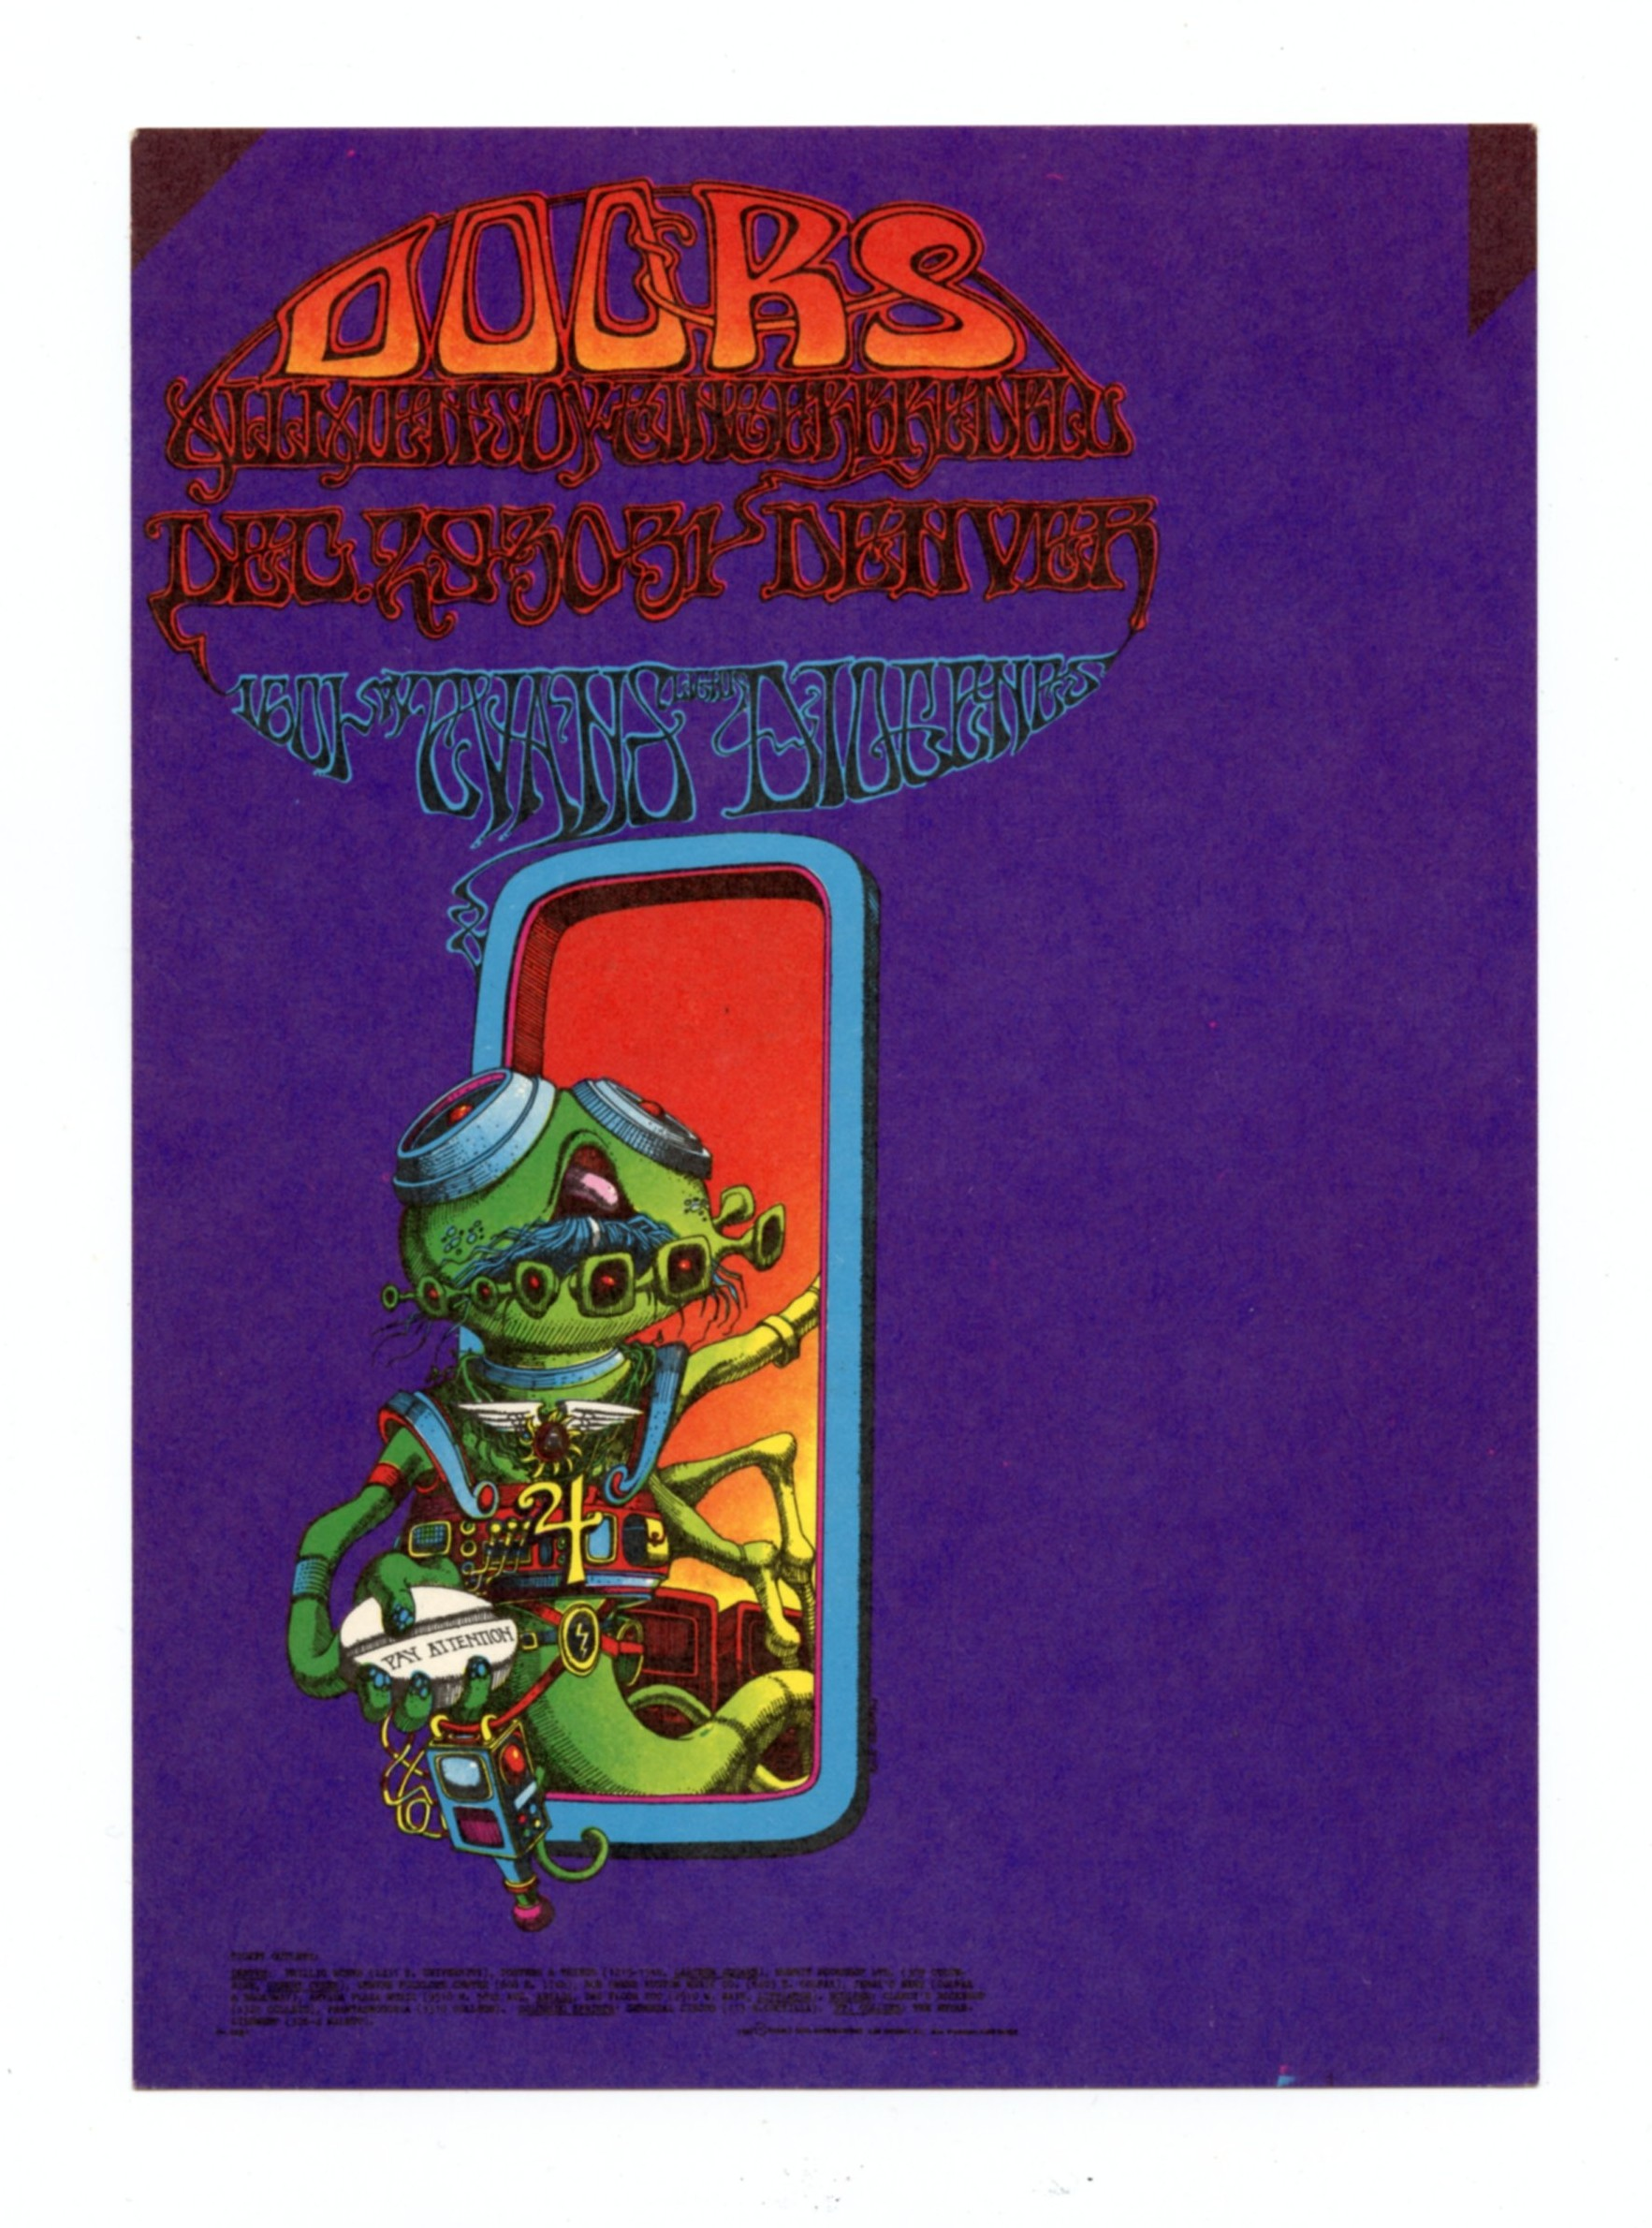 FDD 18 Postcard The Doors 1967 Dec 29